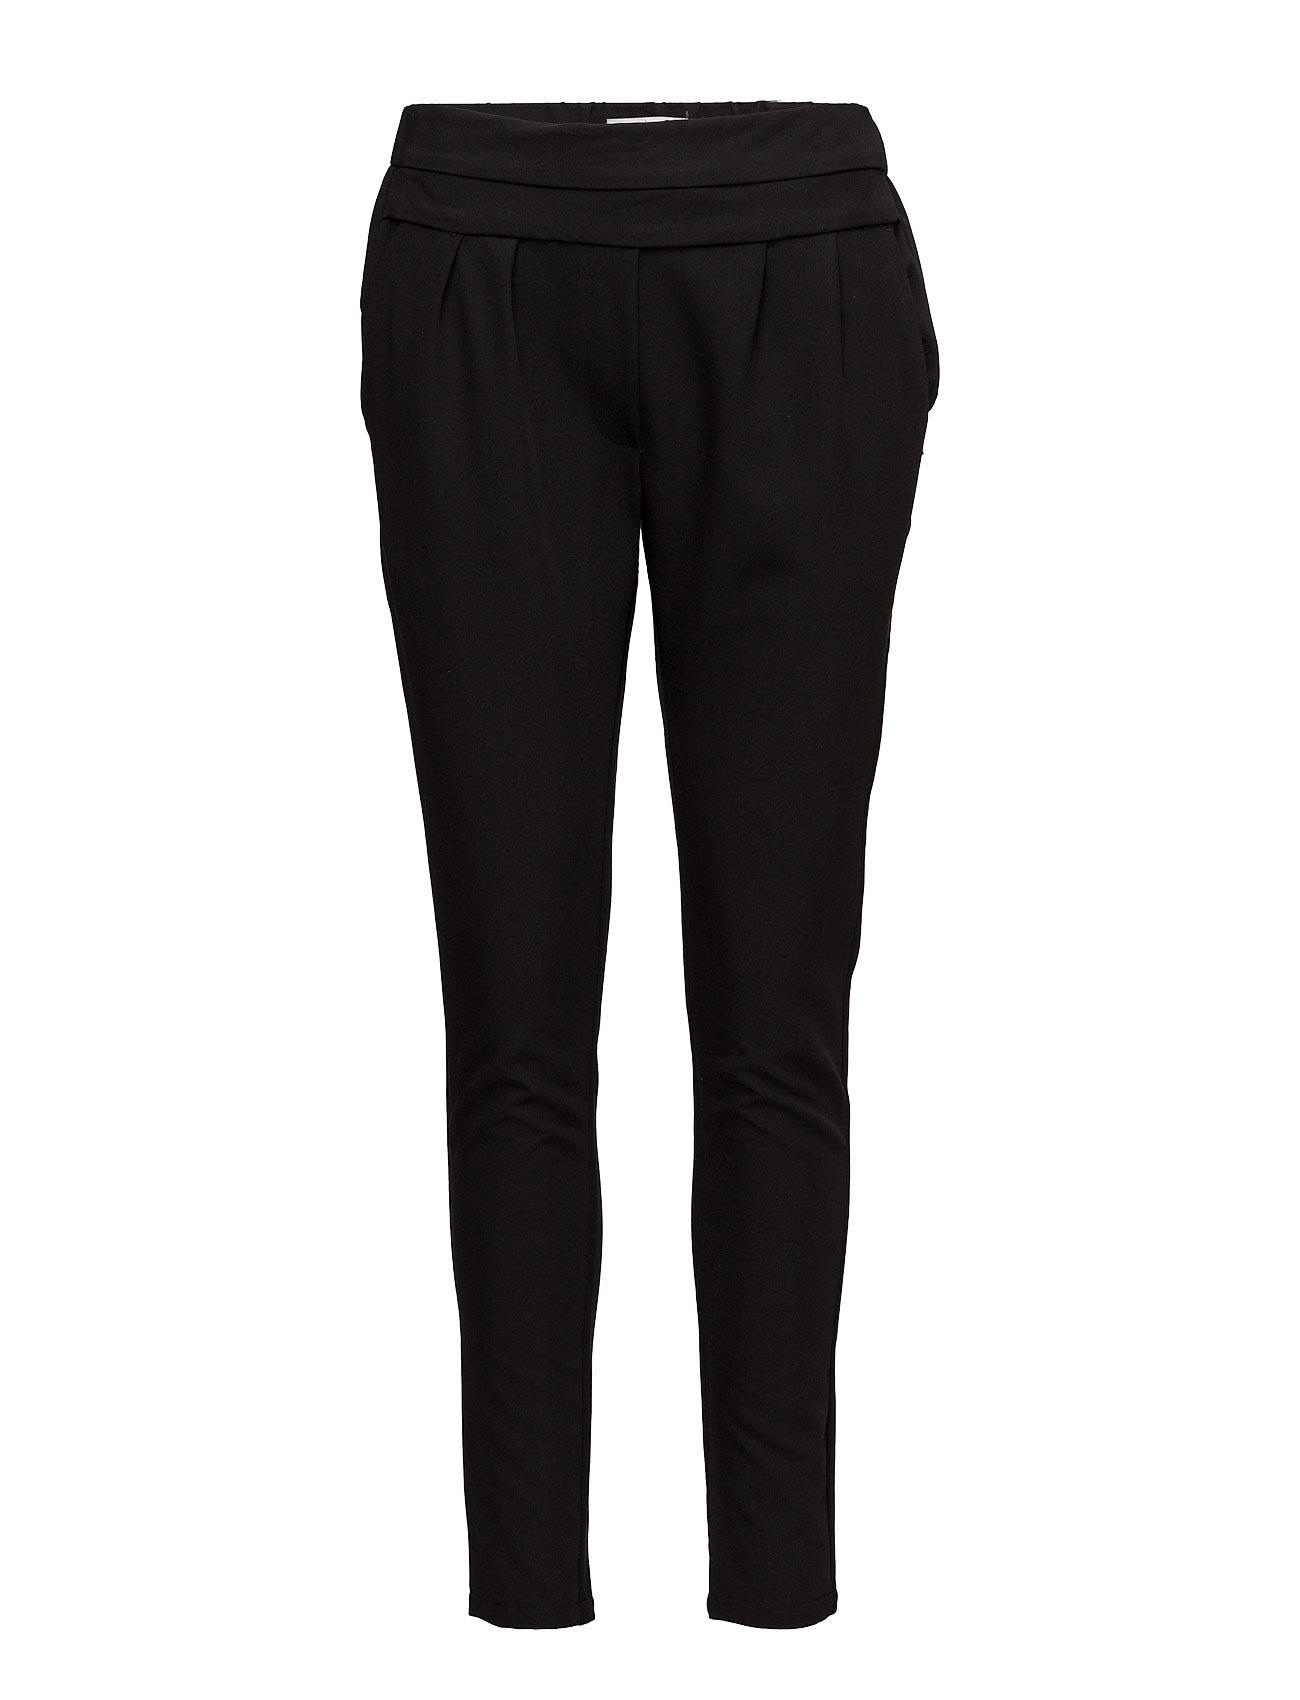 Pants W. Jersey Back Coster Copenhagen Casual bukser til Damer i Sort